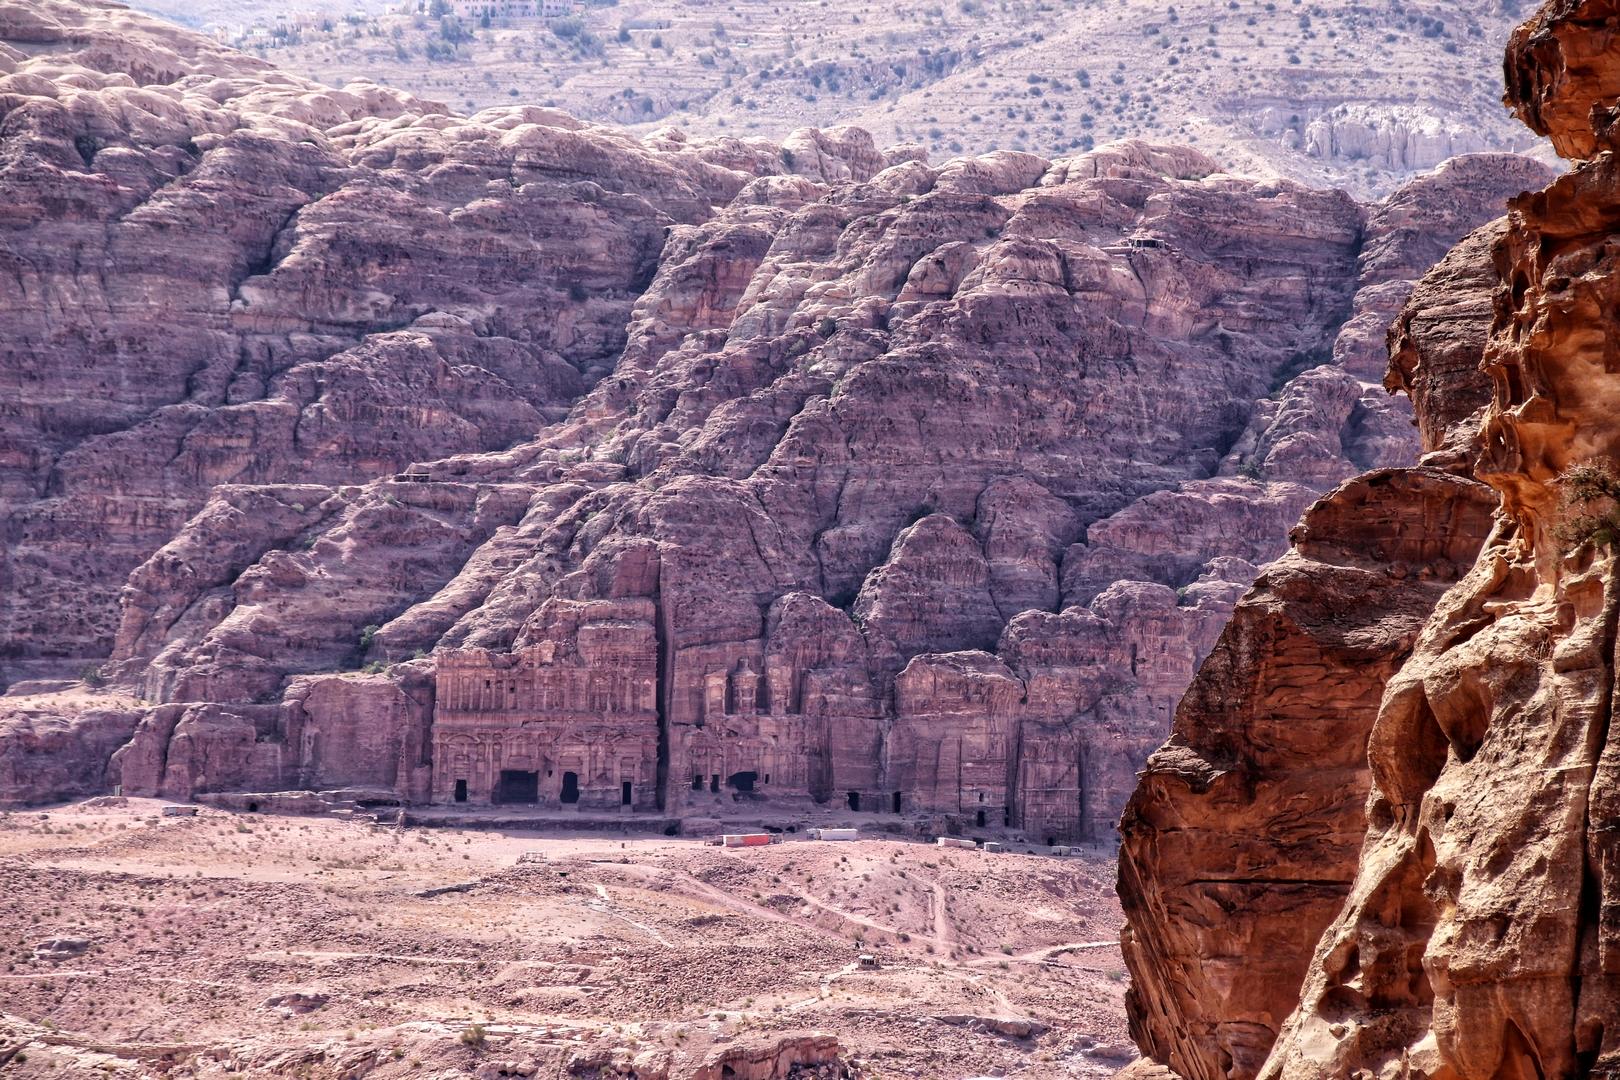 Jordanie - Vue sur les tombes royales du site de Petra